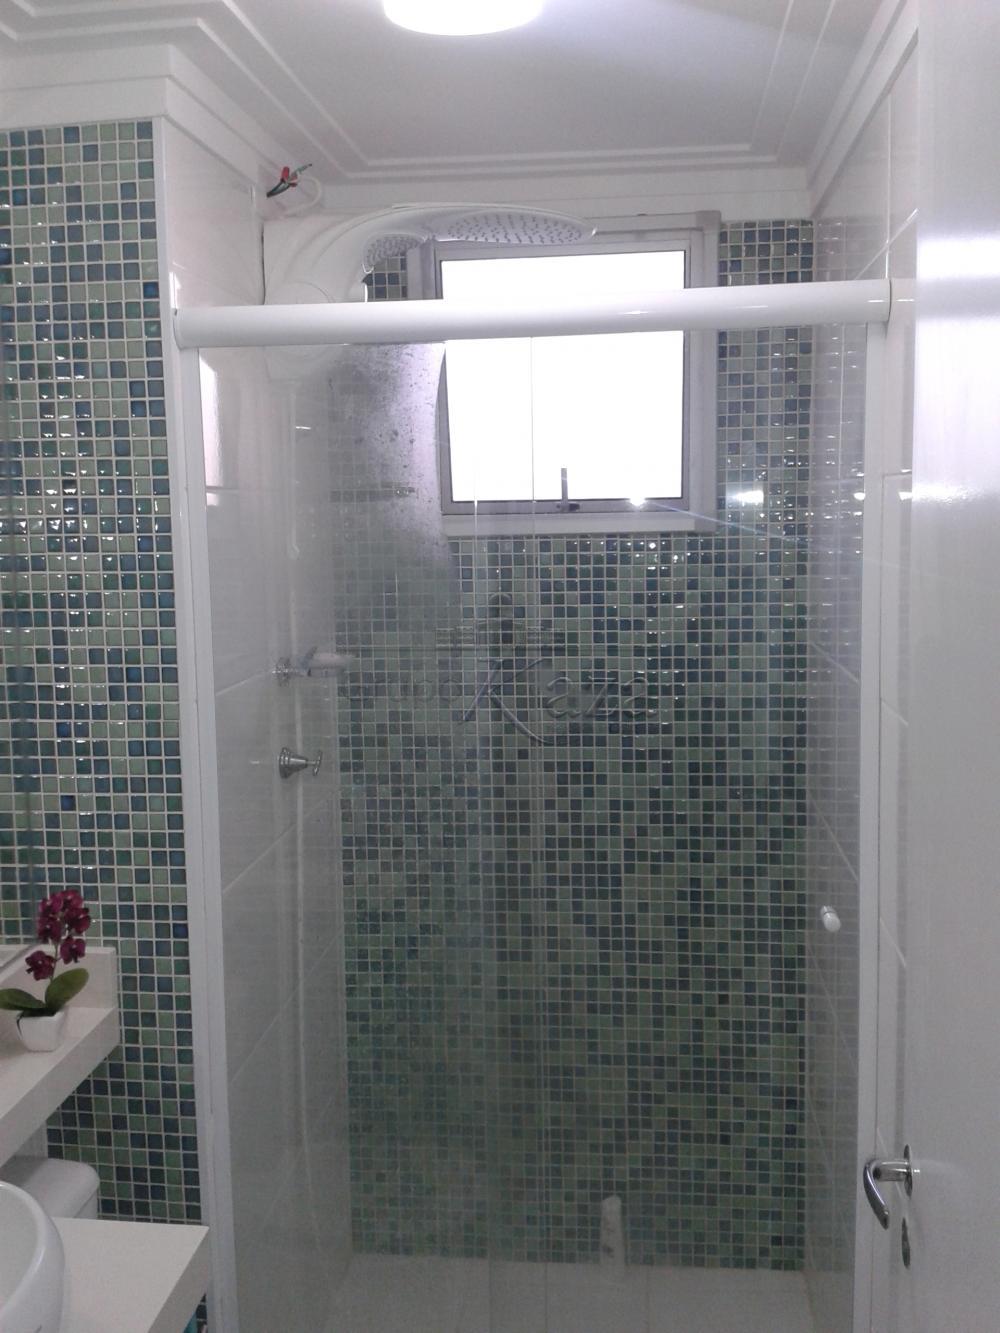 Alugar Apartamento / Padrão em São José dos Campos apenas R$ 1.400,00 - Foto 12